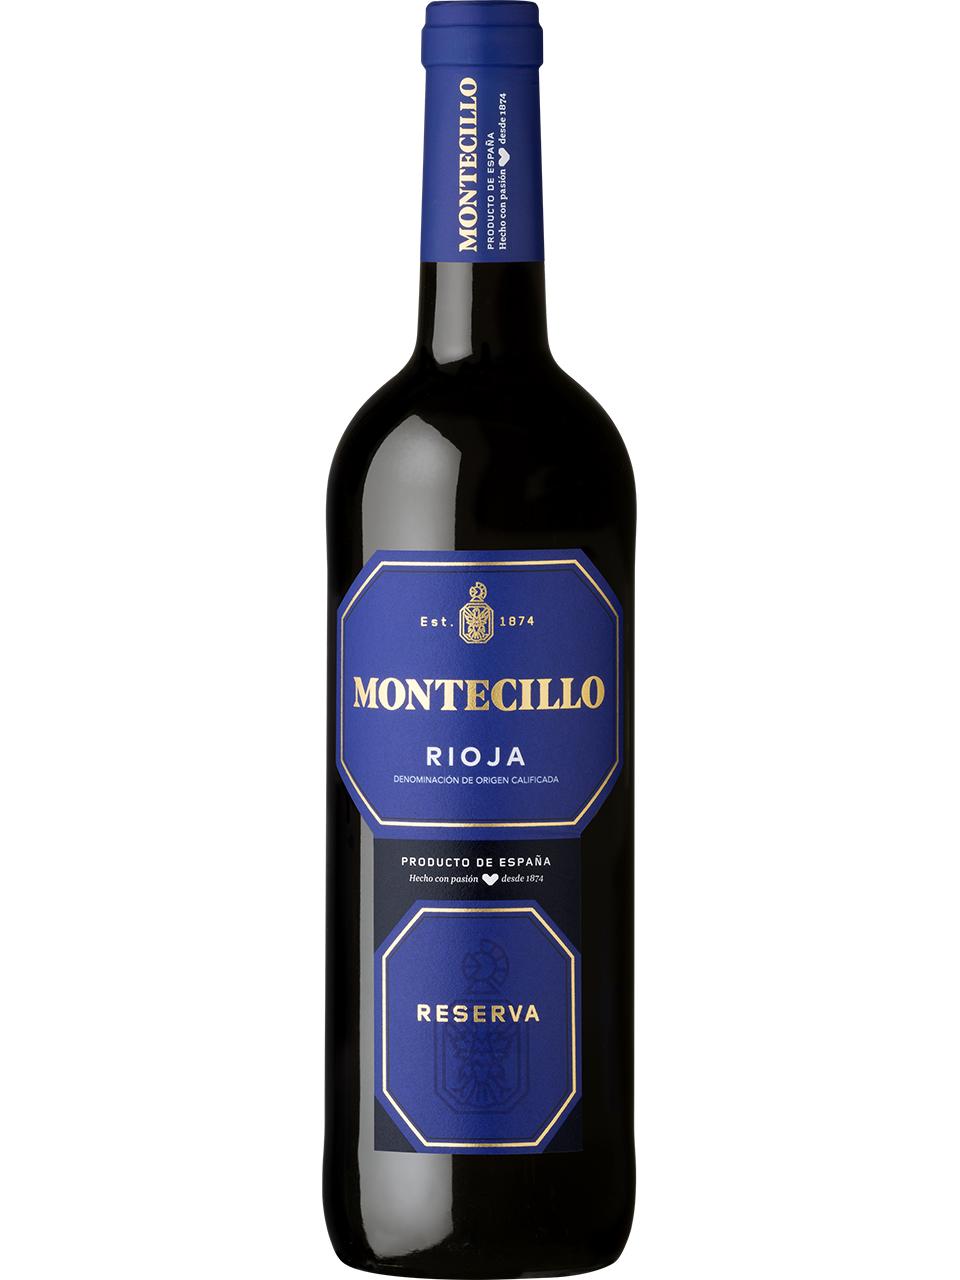 Montecillo Reserva Rioja